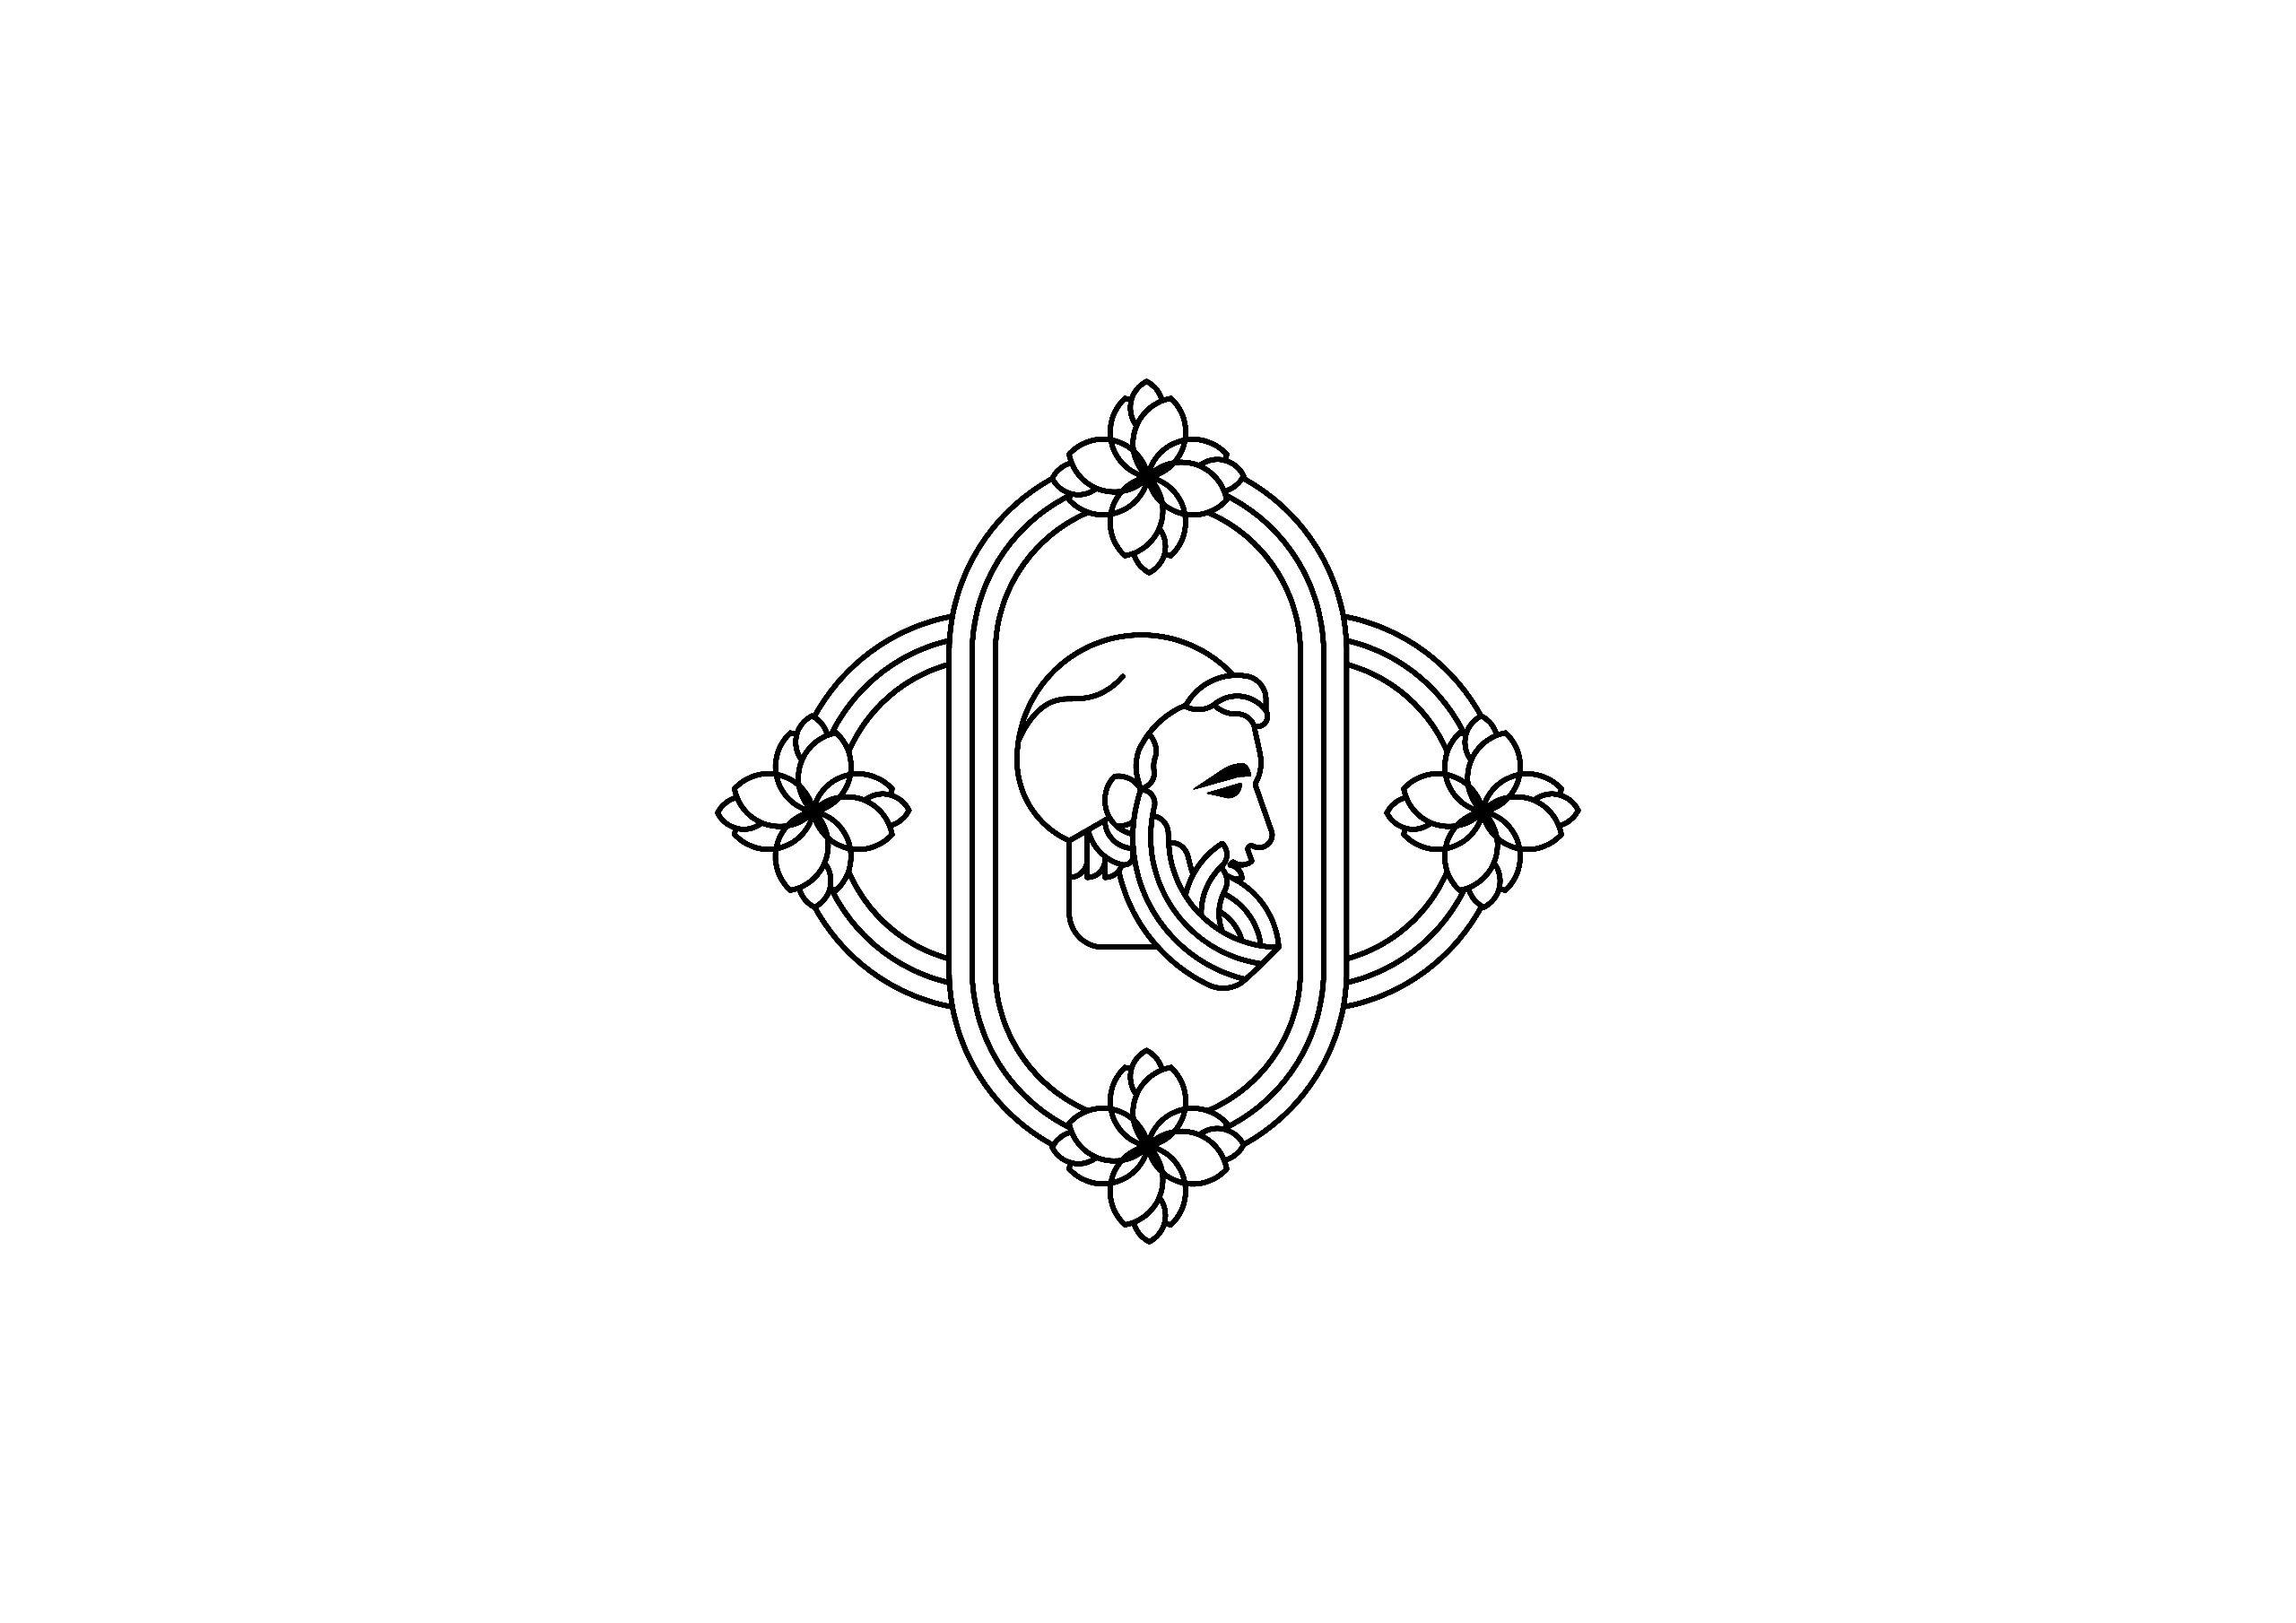 logo_nero_tucci@4x-100